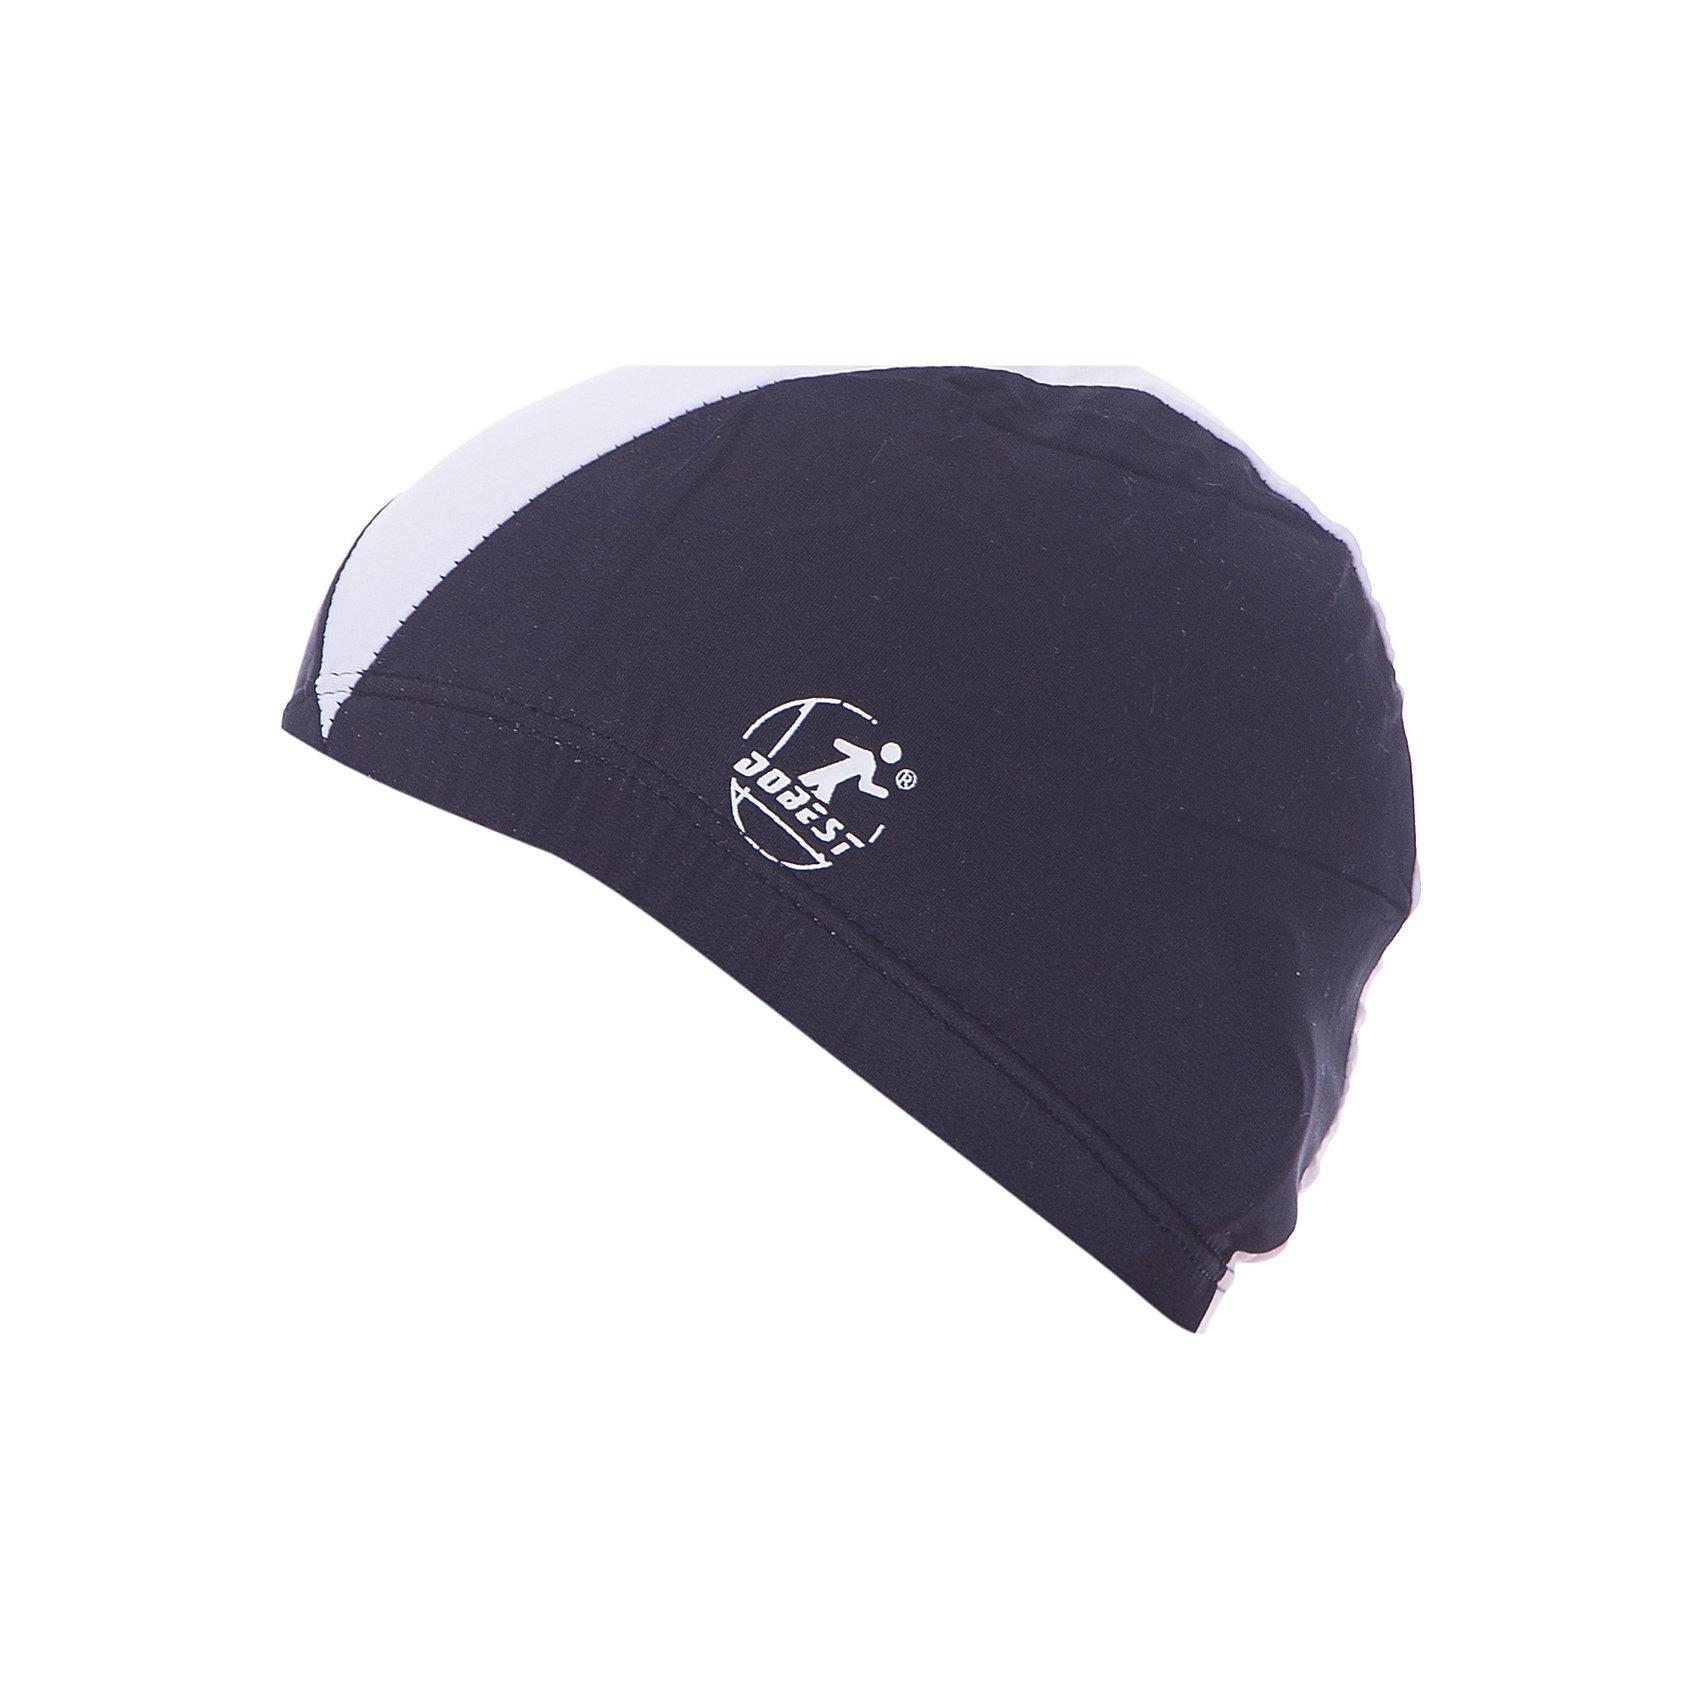 Шапочка для плавания полиэстеровая, черная, DobestОчки, маски, ласты, шапочки<br>Характеристики товара:<br><br>• материал: полиэстер<br>• размер: универсальный<br>• страна-производитель: Китай <br>• упаковка: пакет с подвесом<br><br>Прекрасно защищает ваши волосы при посещении бассейна. <br><br>Легко надевается и снимается, не липнет к волосам и не требует особого ухода. <br><br>Благодаря своей эластичности, шапочка подходит к любому размеру головы.<br><br>Шапочку для плавания полиэстеровая, желтая, Dobest можно купить в нашем интернет-магазине.<br><br>Ширина мм: 165<br>Глубина мм: 120<br>Высота мм: 10<br>Вес г: 23<br>Возраст от месяцев: 36<br>Возраст до месяцев: 2147483647<br>Пол: Унисекс<br>Возраст: Детский<br>SKU: 5574451